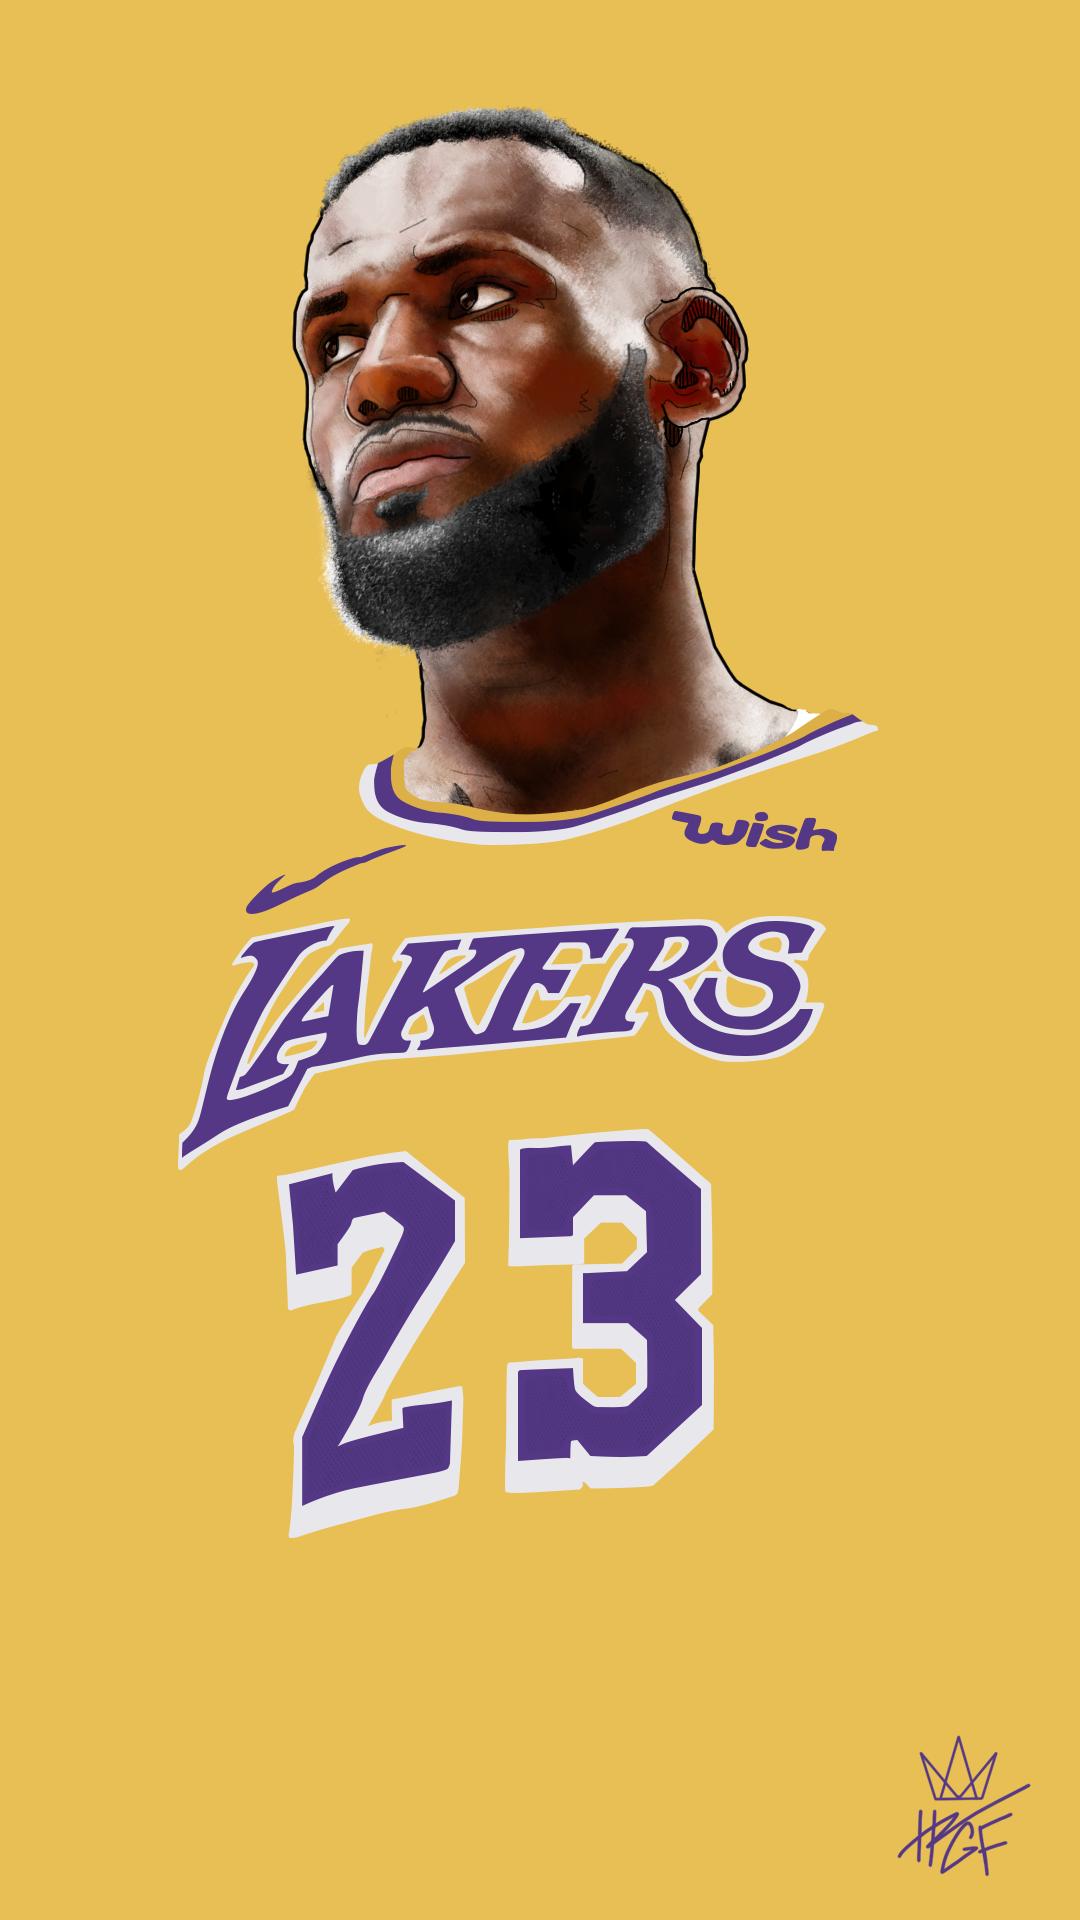 Digital Illustration Lebron James Lebron James Wallpapers Lebron James Lebron James Lakers